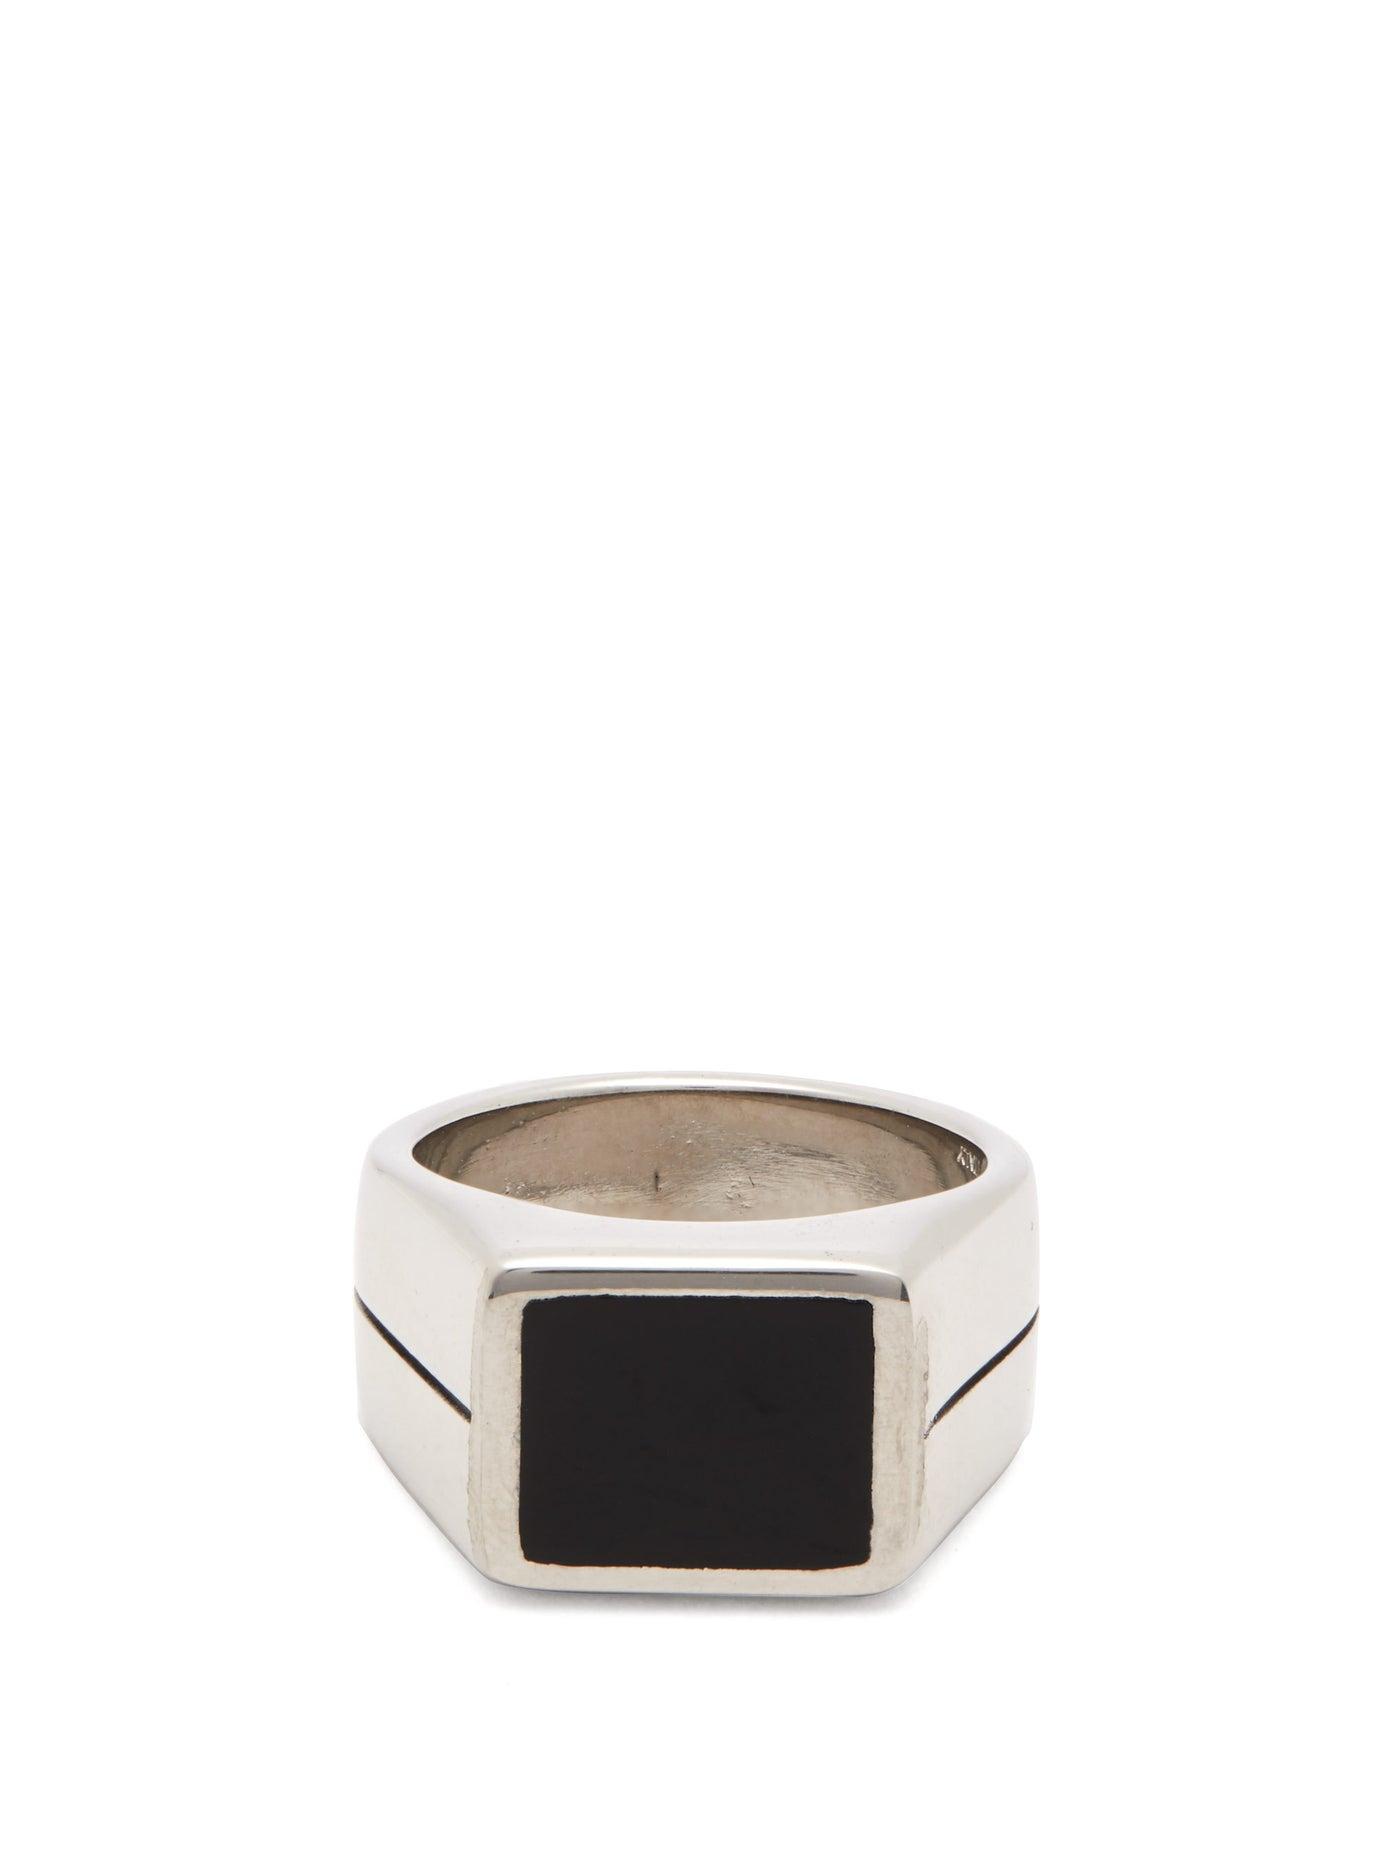 خاتم رجالي من الفضة مع حجر كريم باللون الأسود من Givenchy